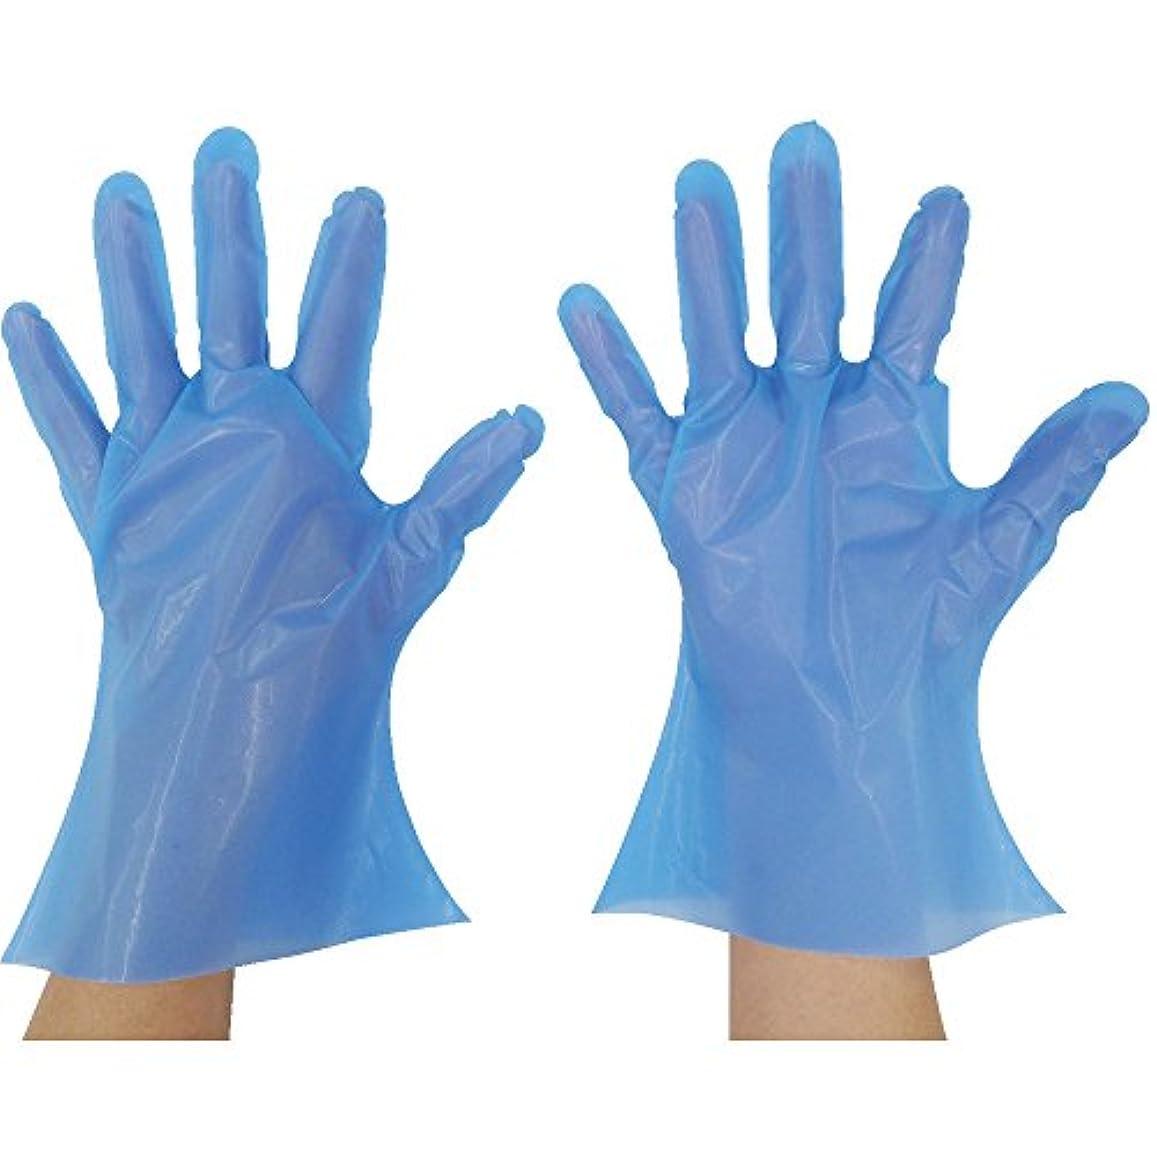 会社者差別する東京パック マイジャストニトポリグローブ 3S ブルー NP-3S ポリエチレン使い捨て手袋